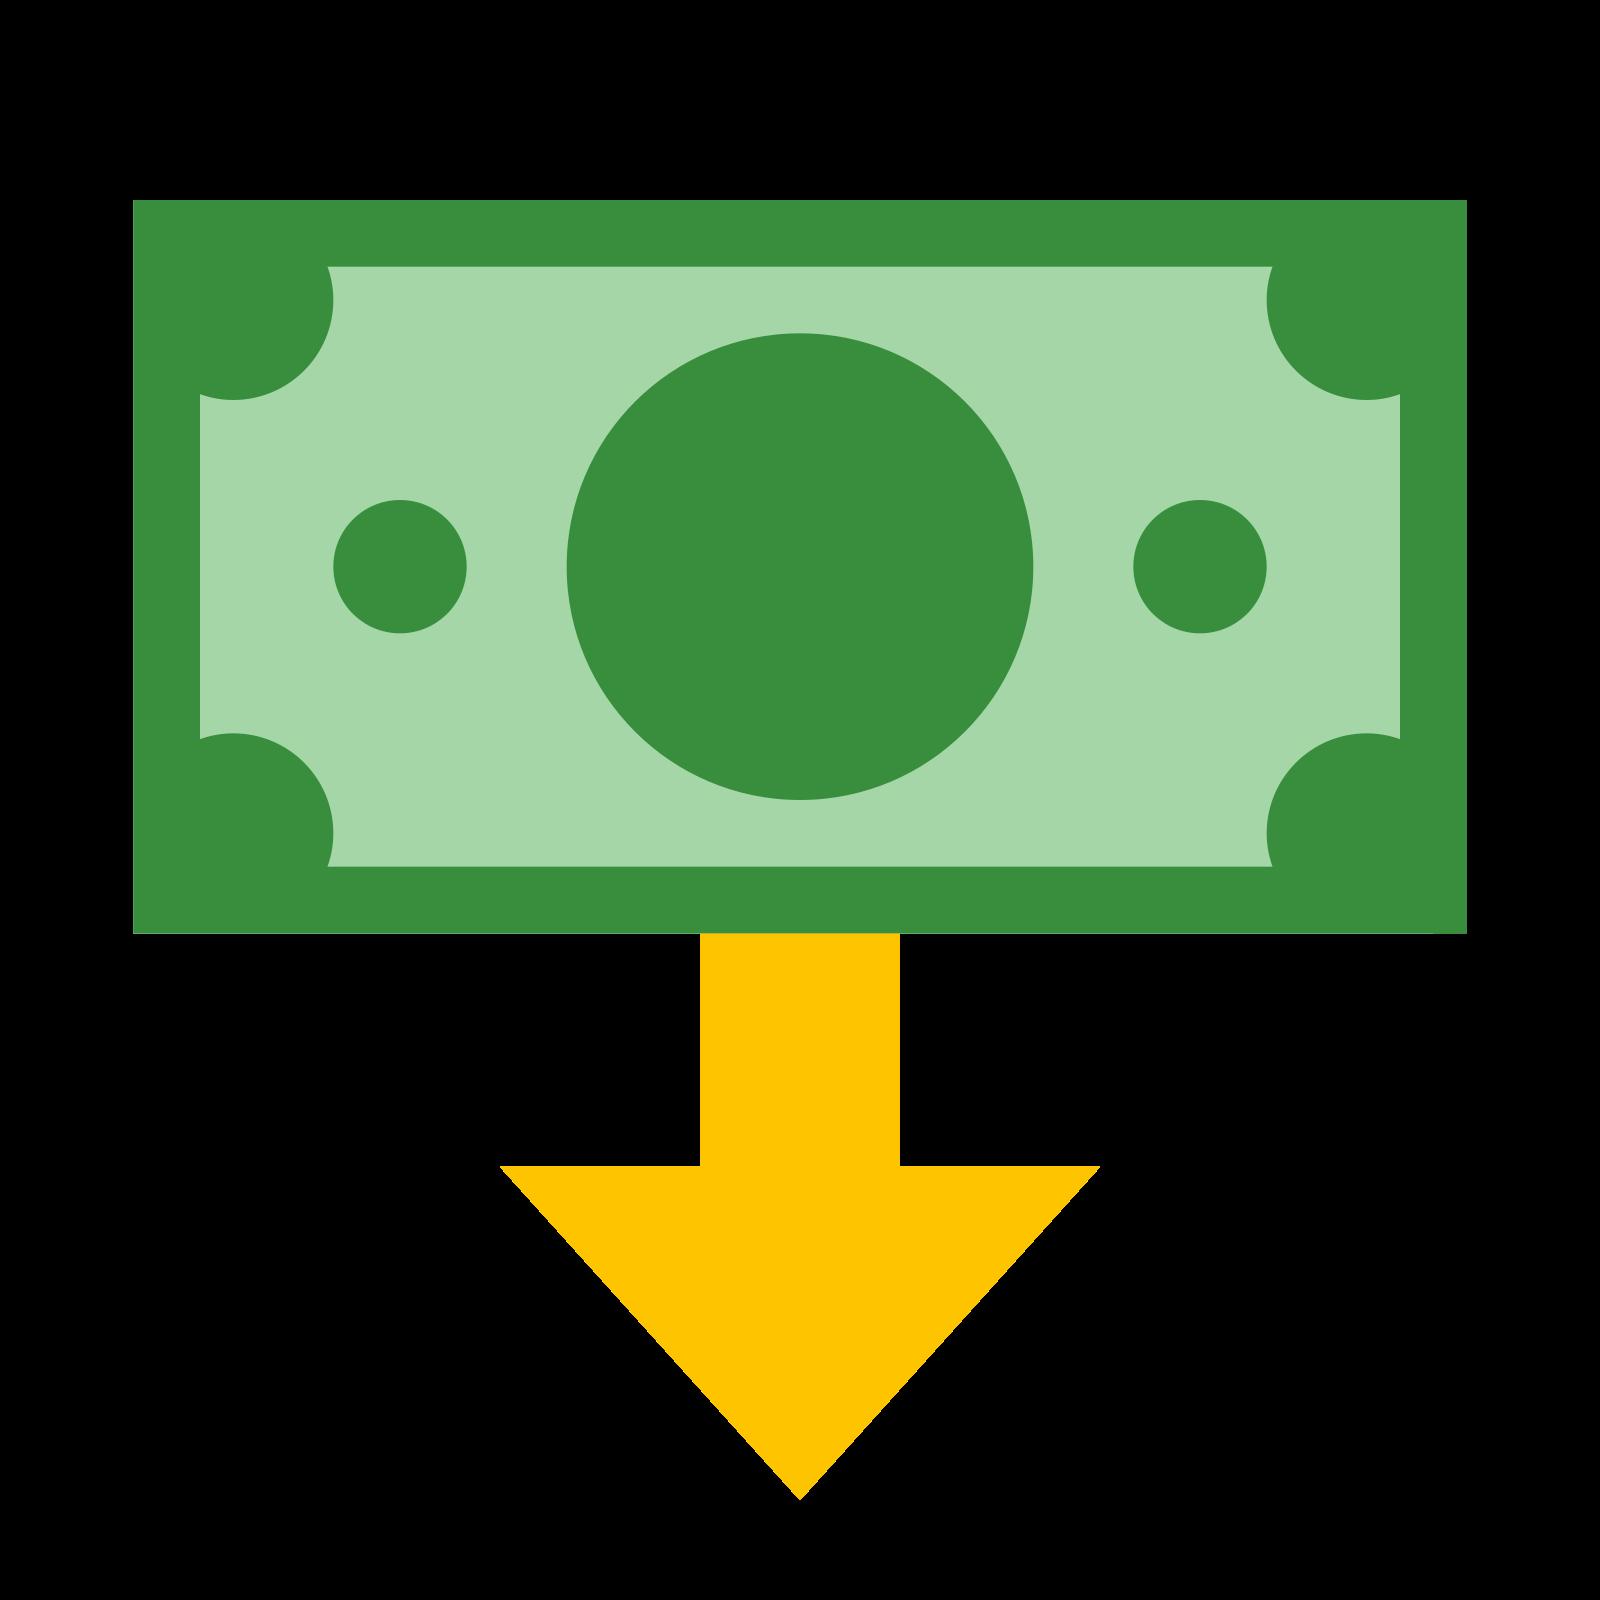 Żądanie pieniędzy icon